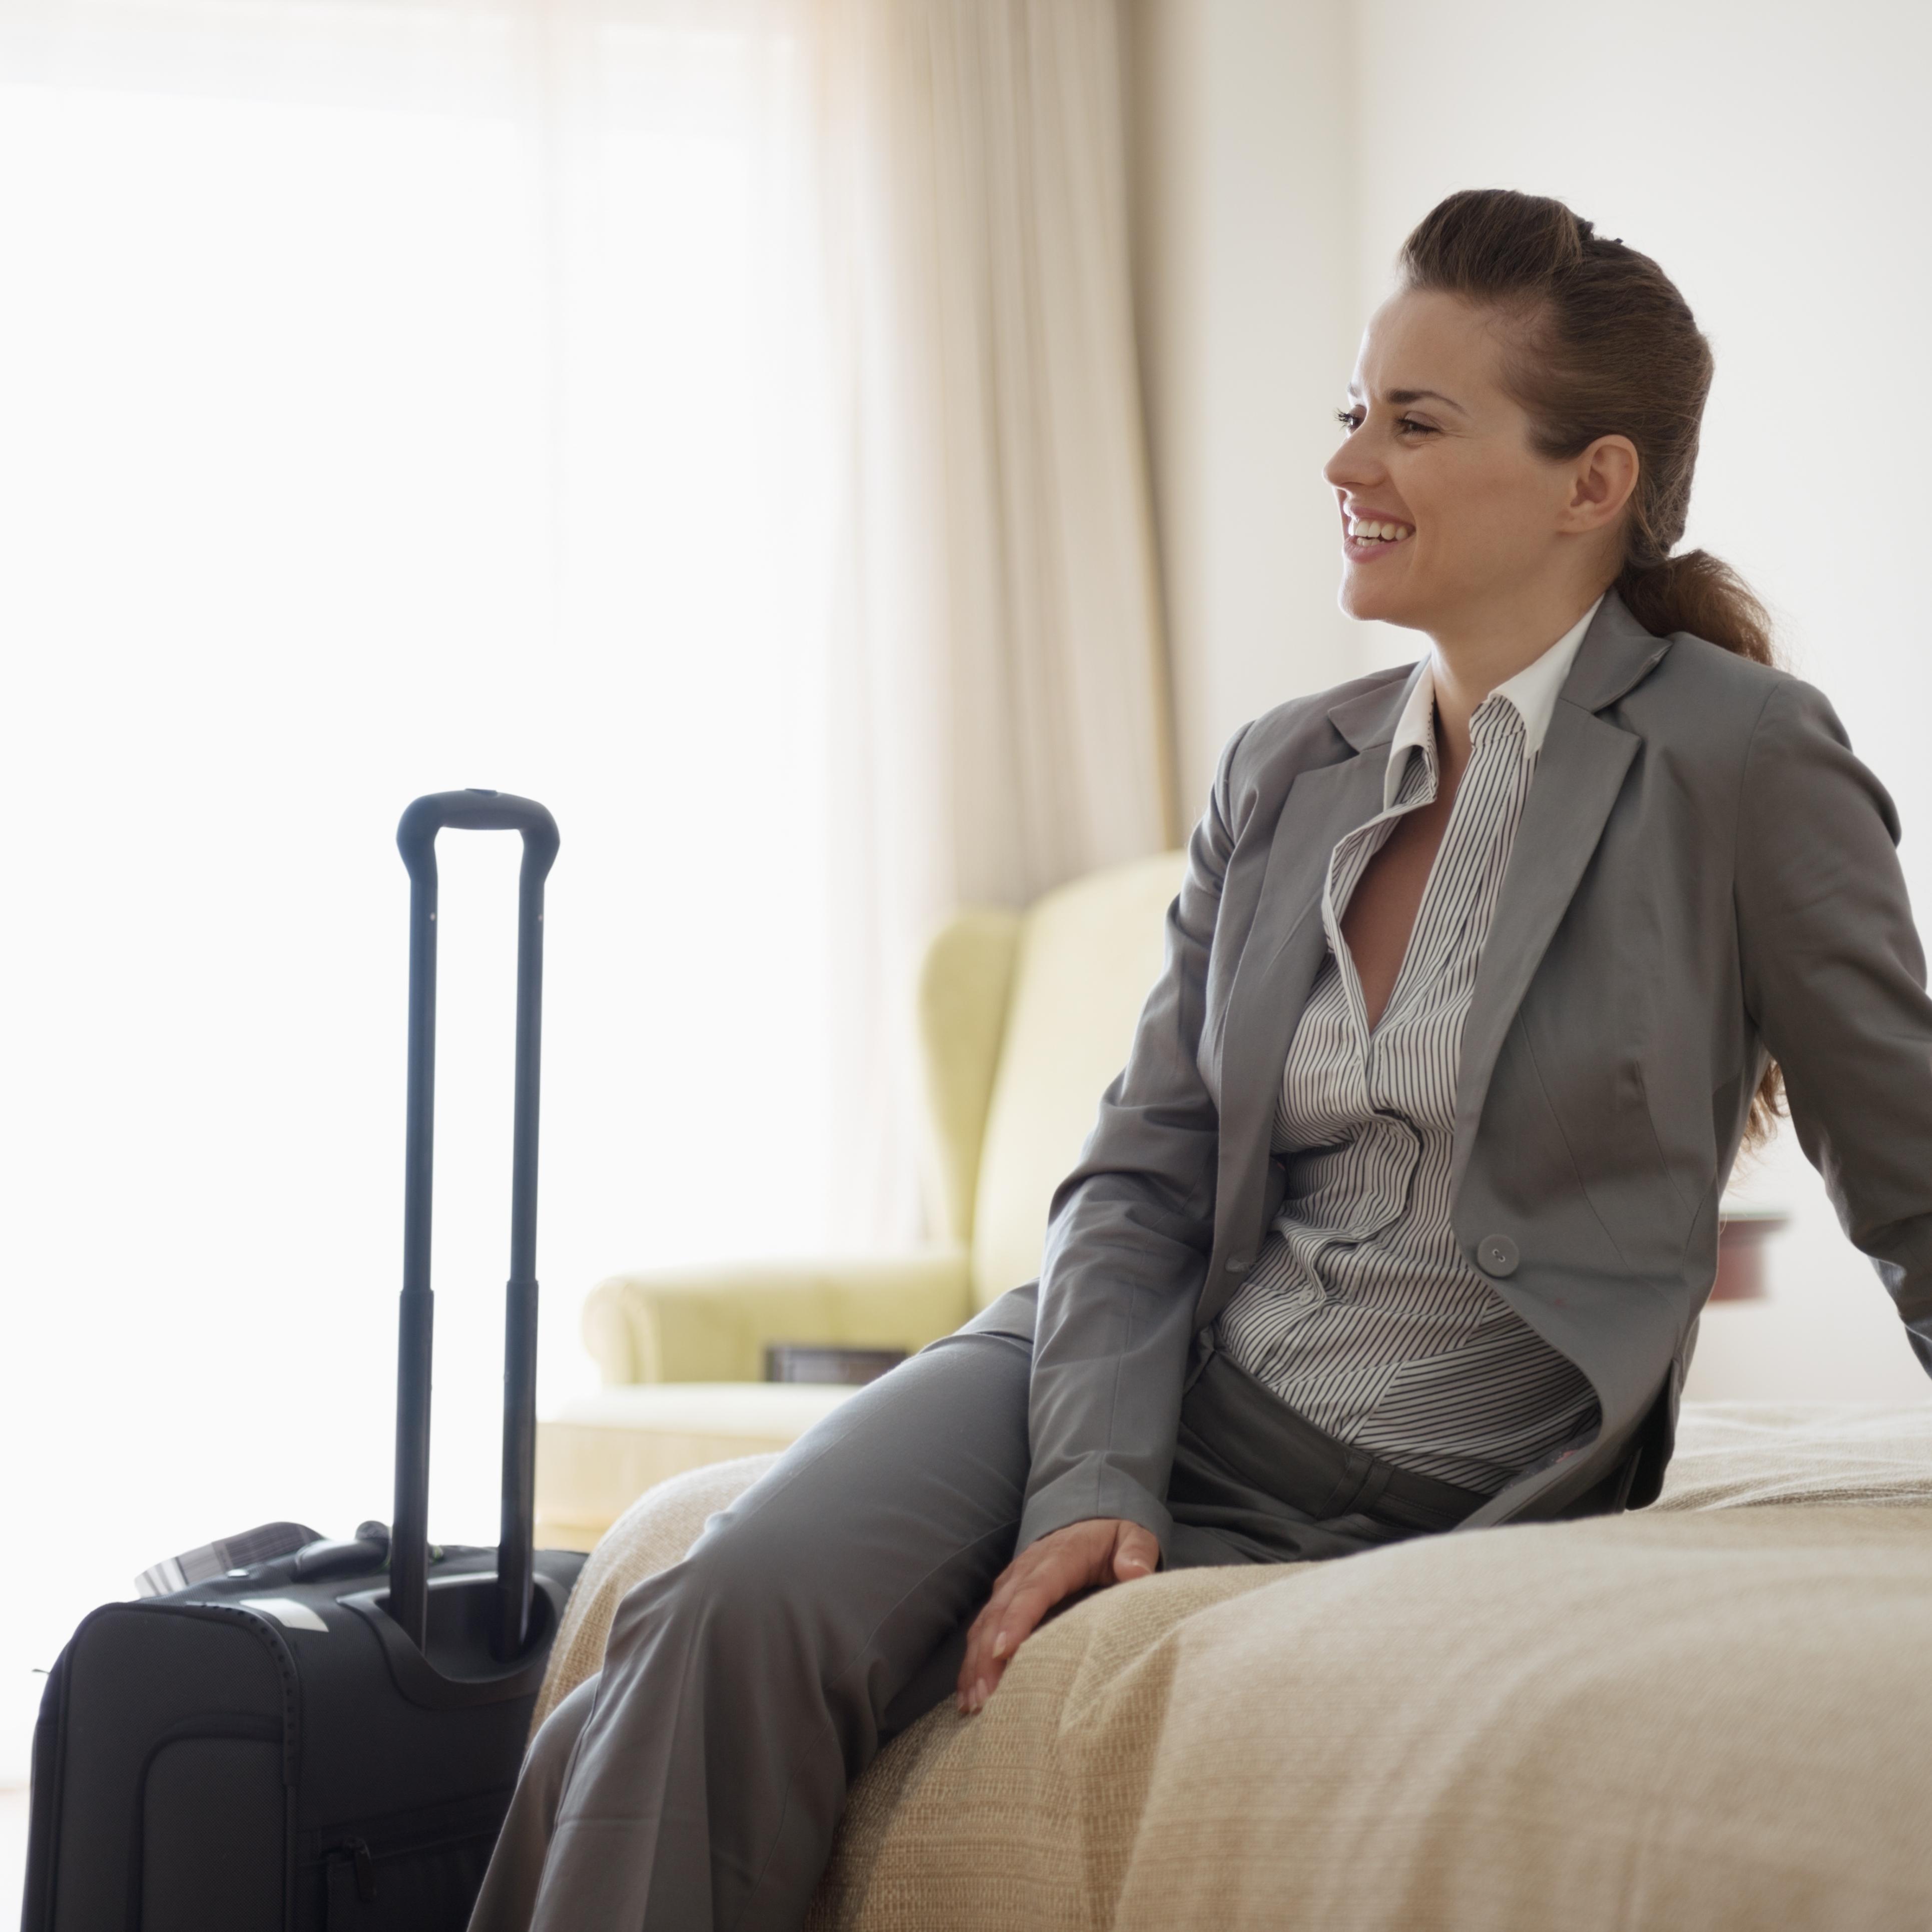 Millennial_hotel_guest